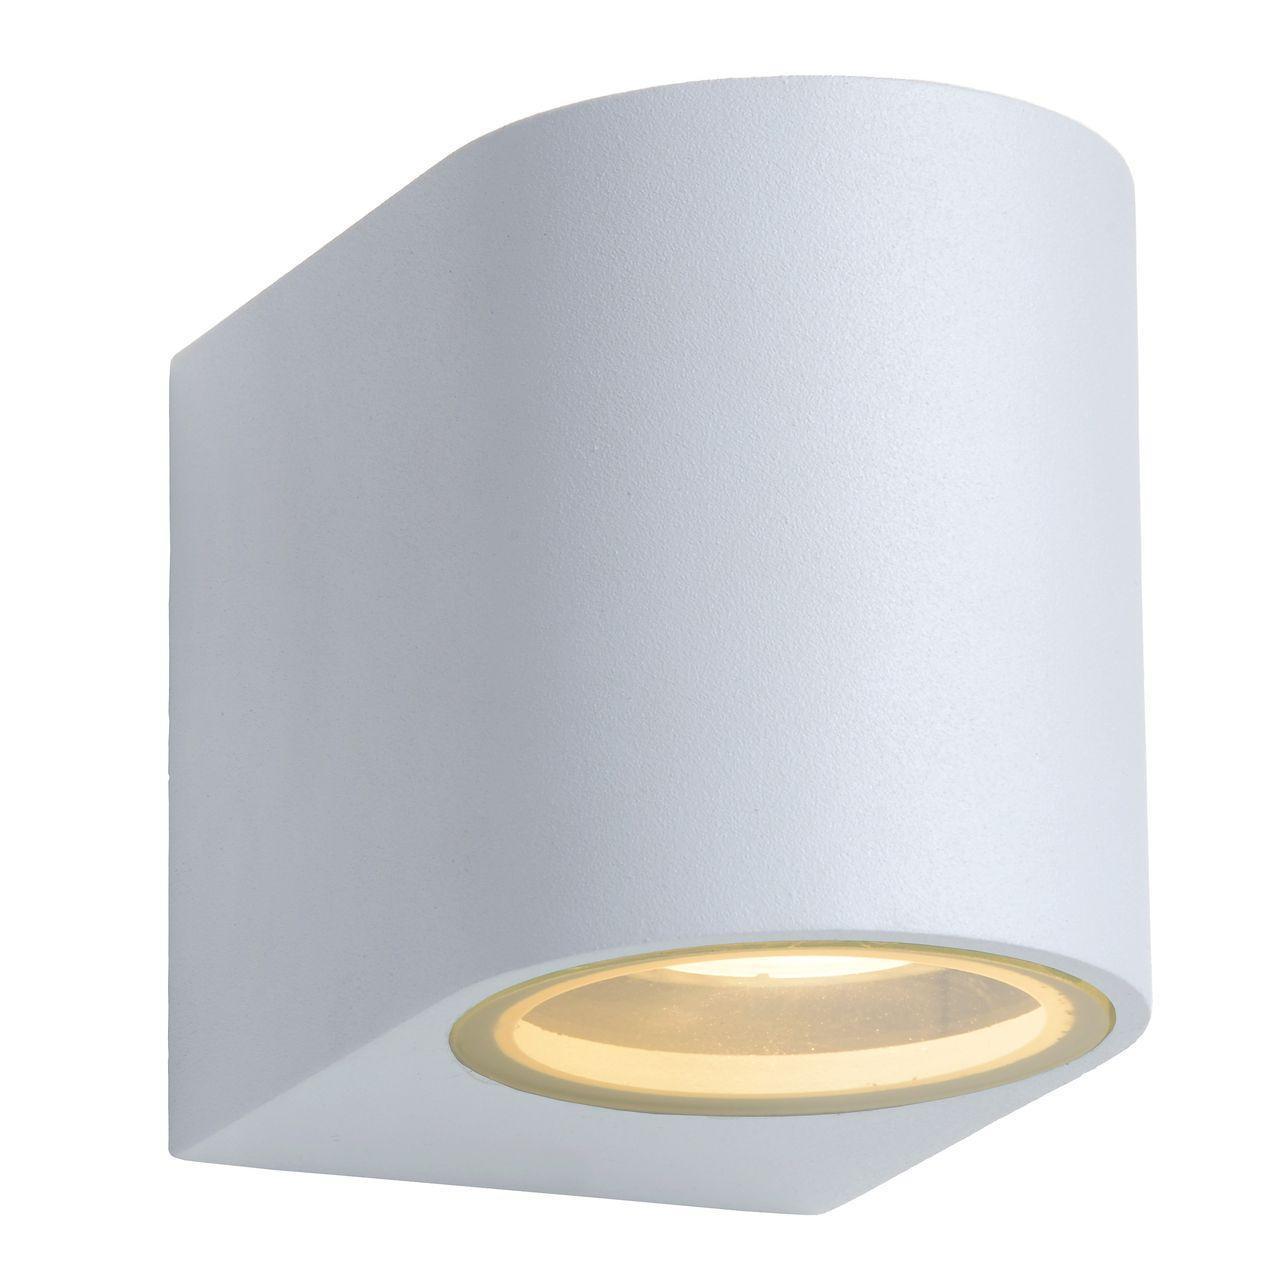 Уличный светильник Lucide 22861/05/31, белый светильник lucide tonga 79459 25 31